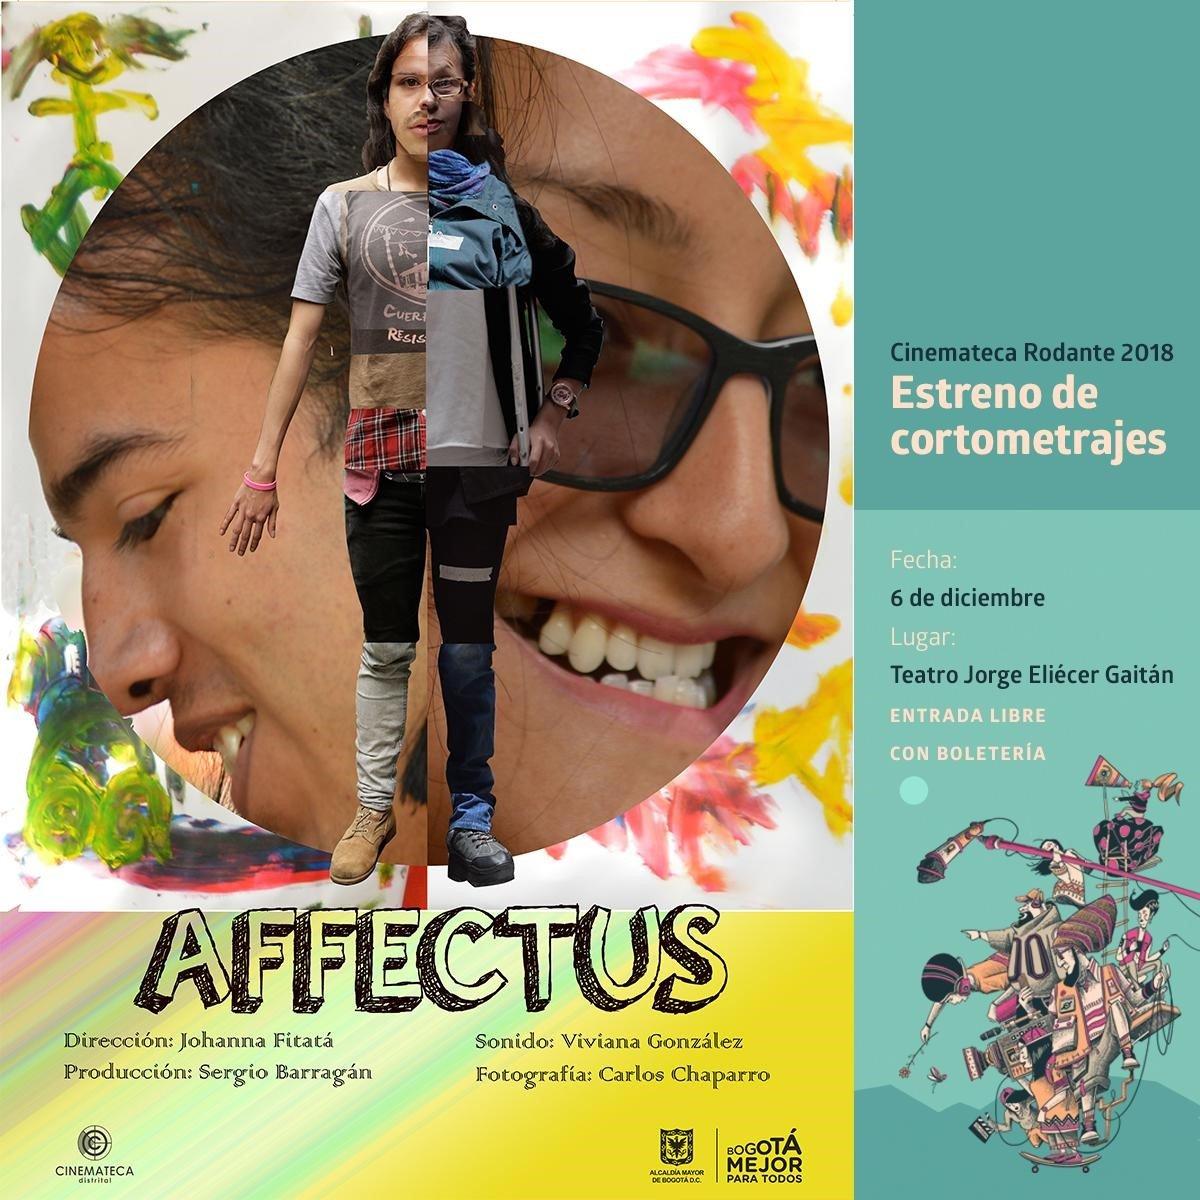 Conozca las historias bogotanas que estrena Cinemateca Rodante - 5-8